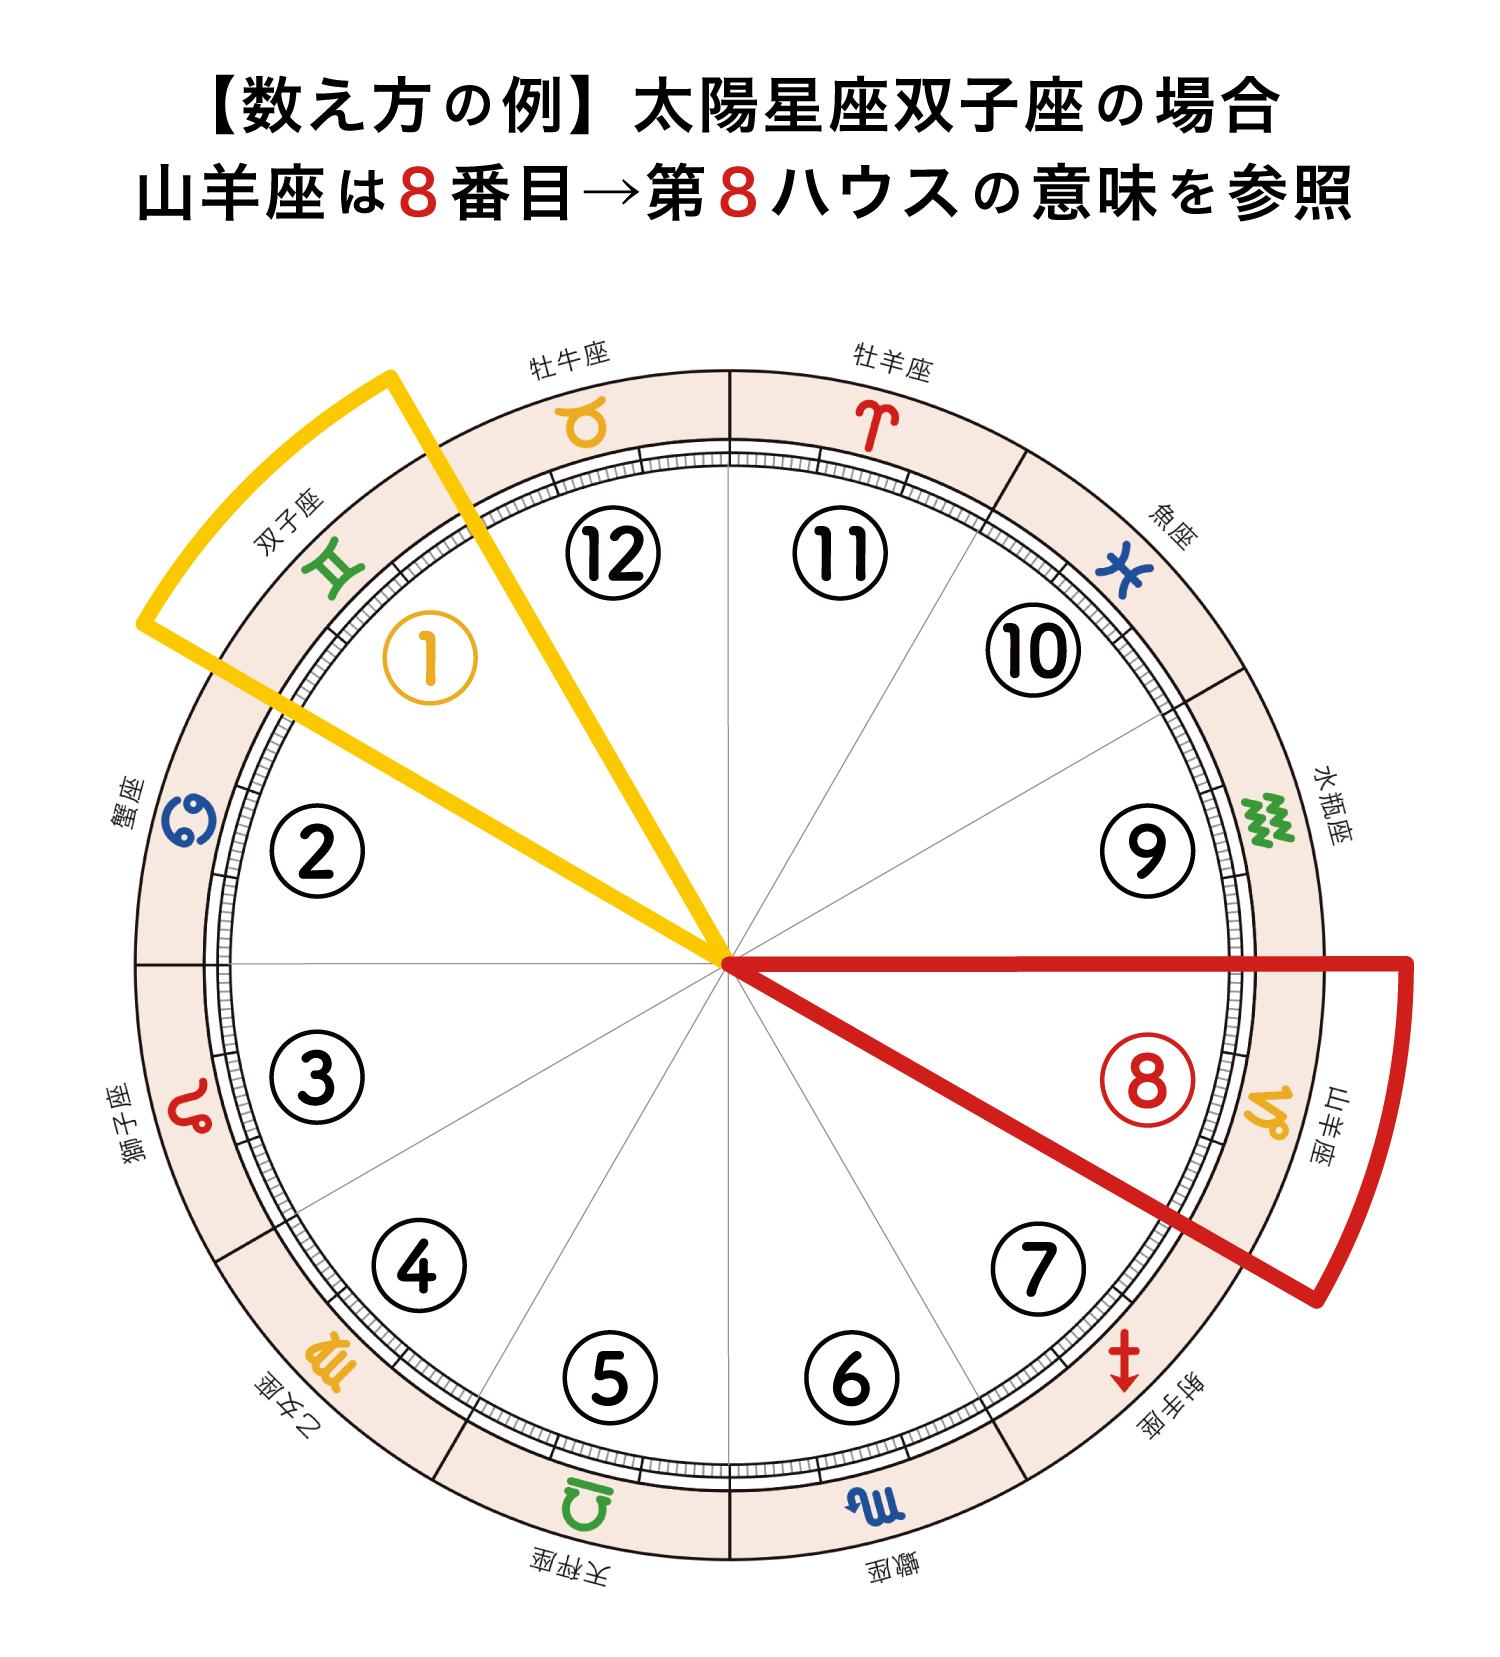 ハウス数え方_双子座